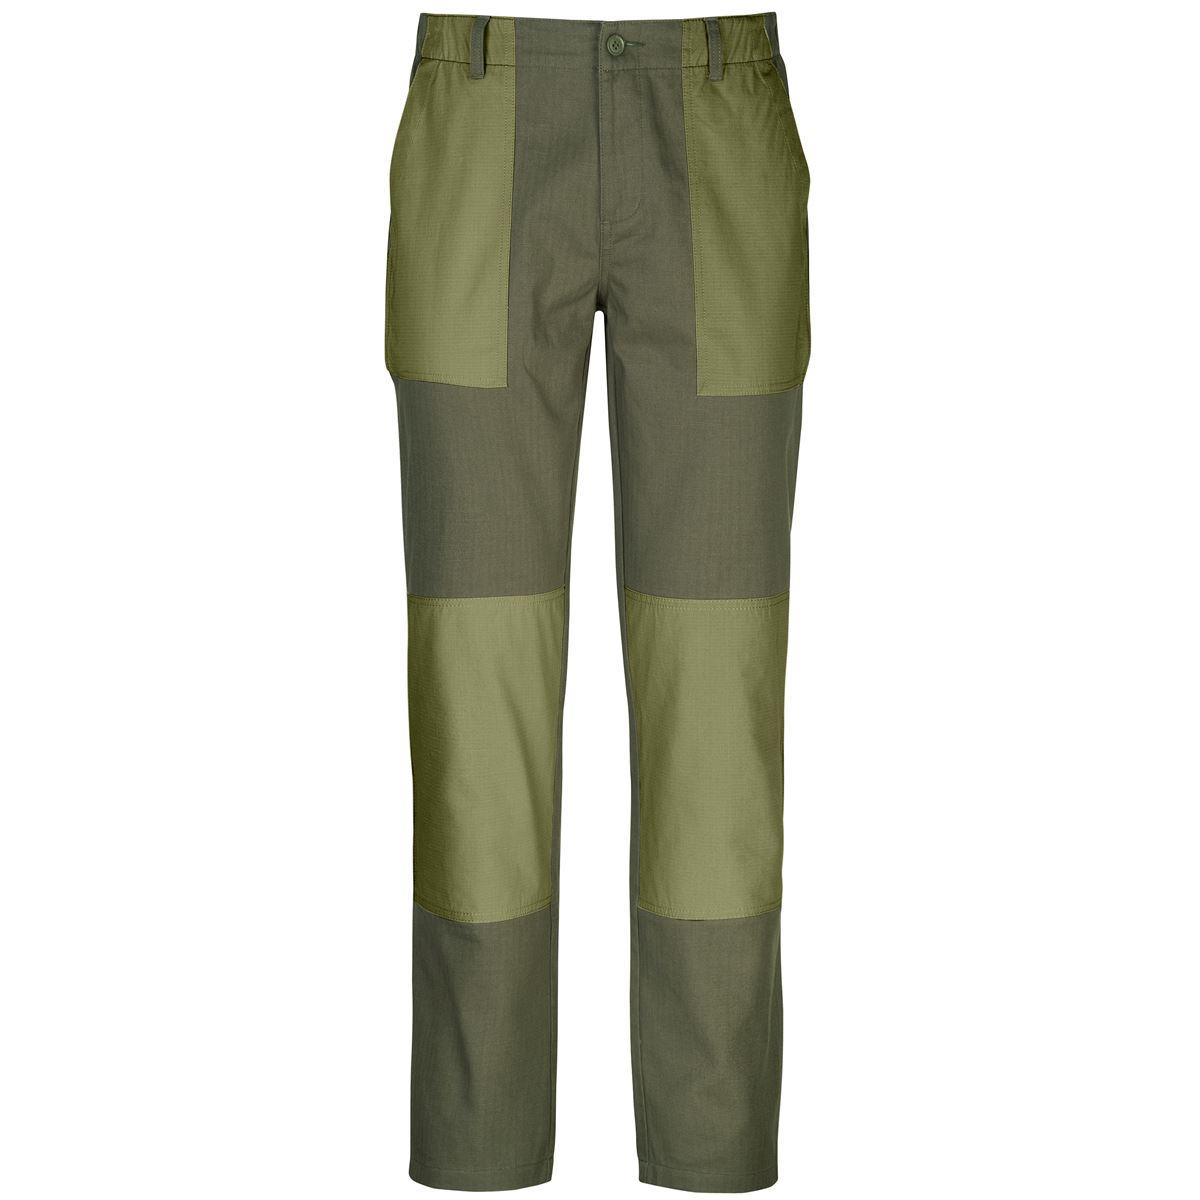 Robe di Kappa Pantaloni uomo-681135W